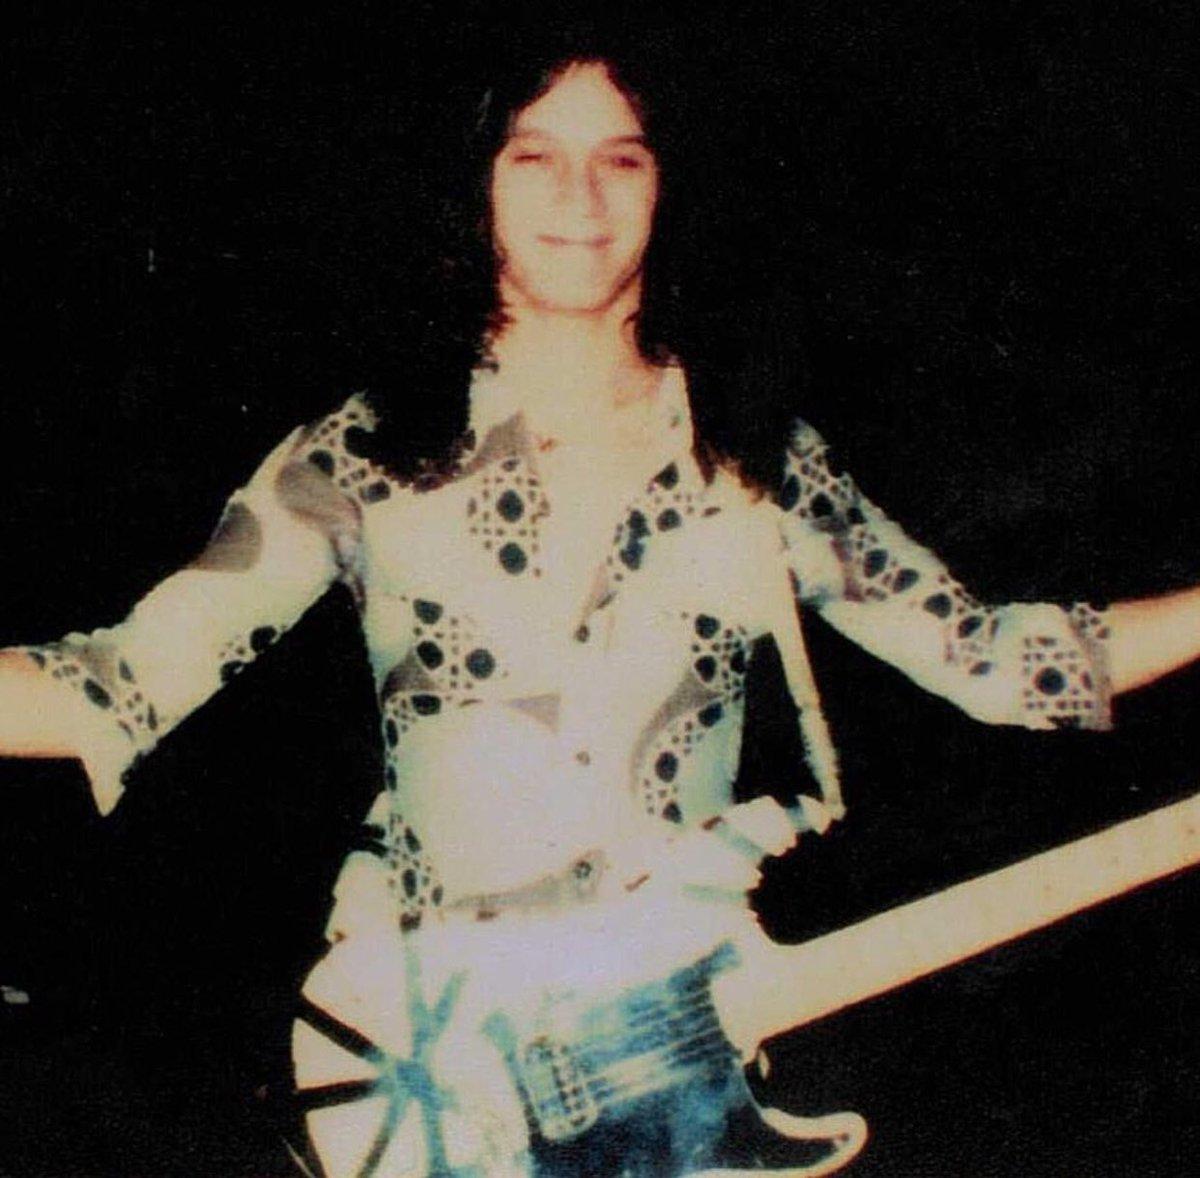 Backstage '78 fan pic. Young Eddie ready to take over the world!!!🌎⚡️❤️#themightyvanhalen #VanHalen #EddieVanHalen #vanhalenarmy #frankenstrat #SaturdayMorning #SaturdayVibes #SaturdayMotivation #Saturday #SaturdayThoughts